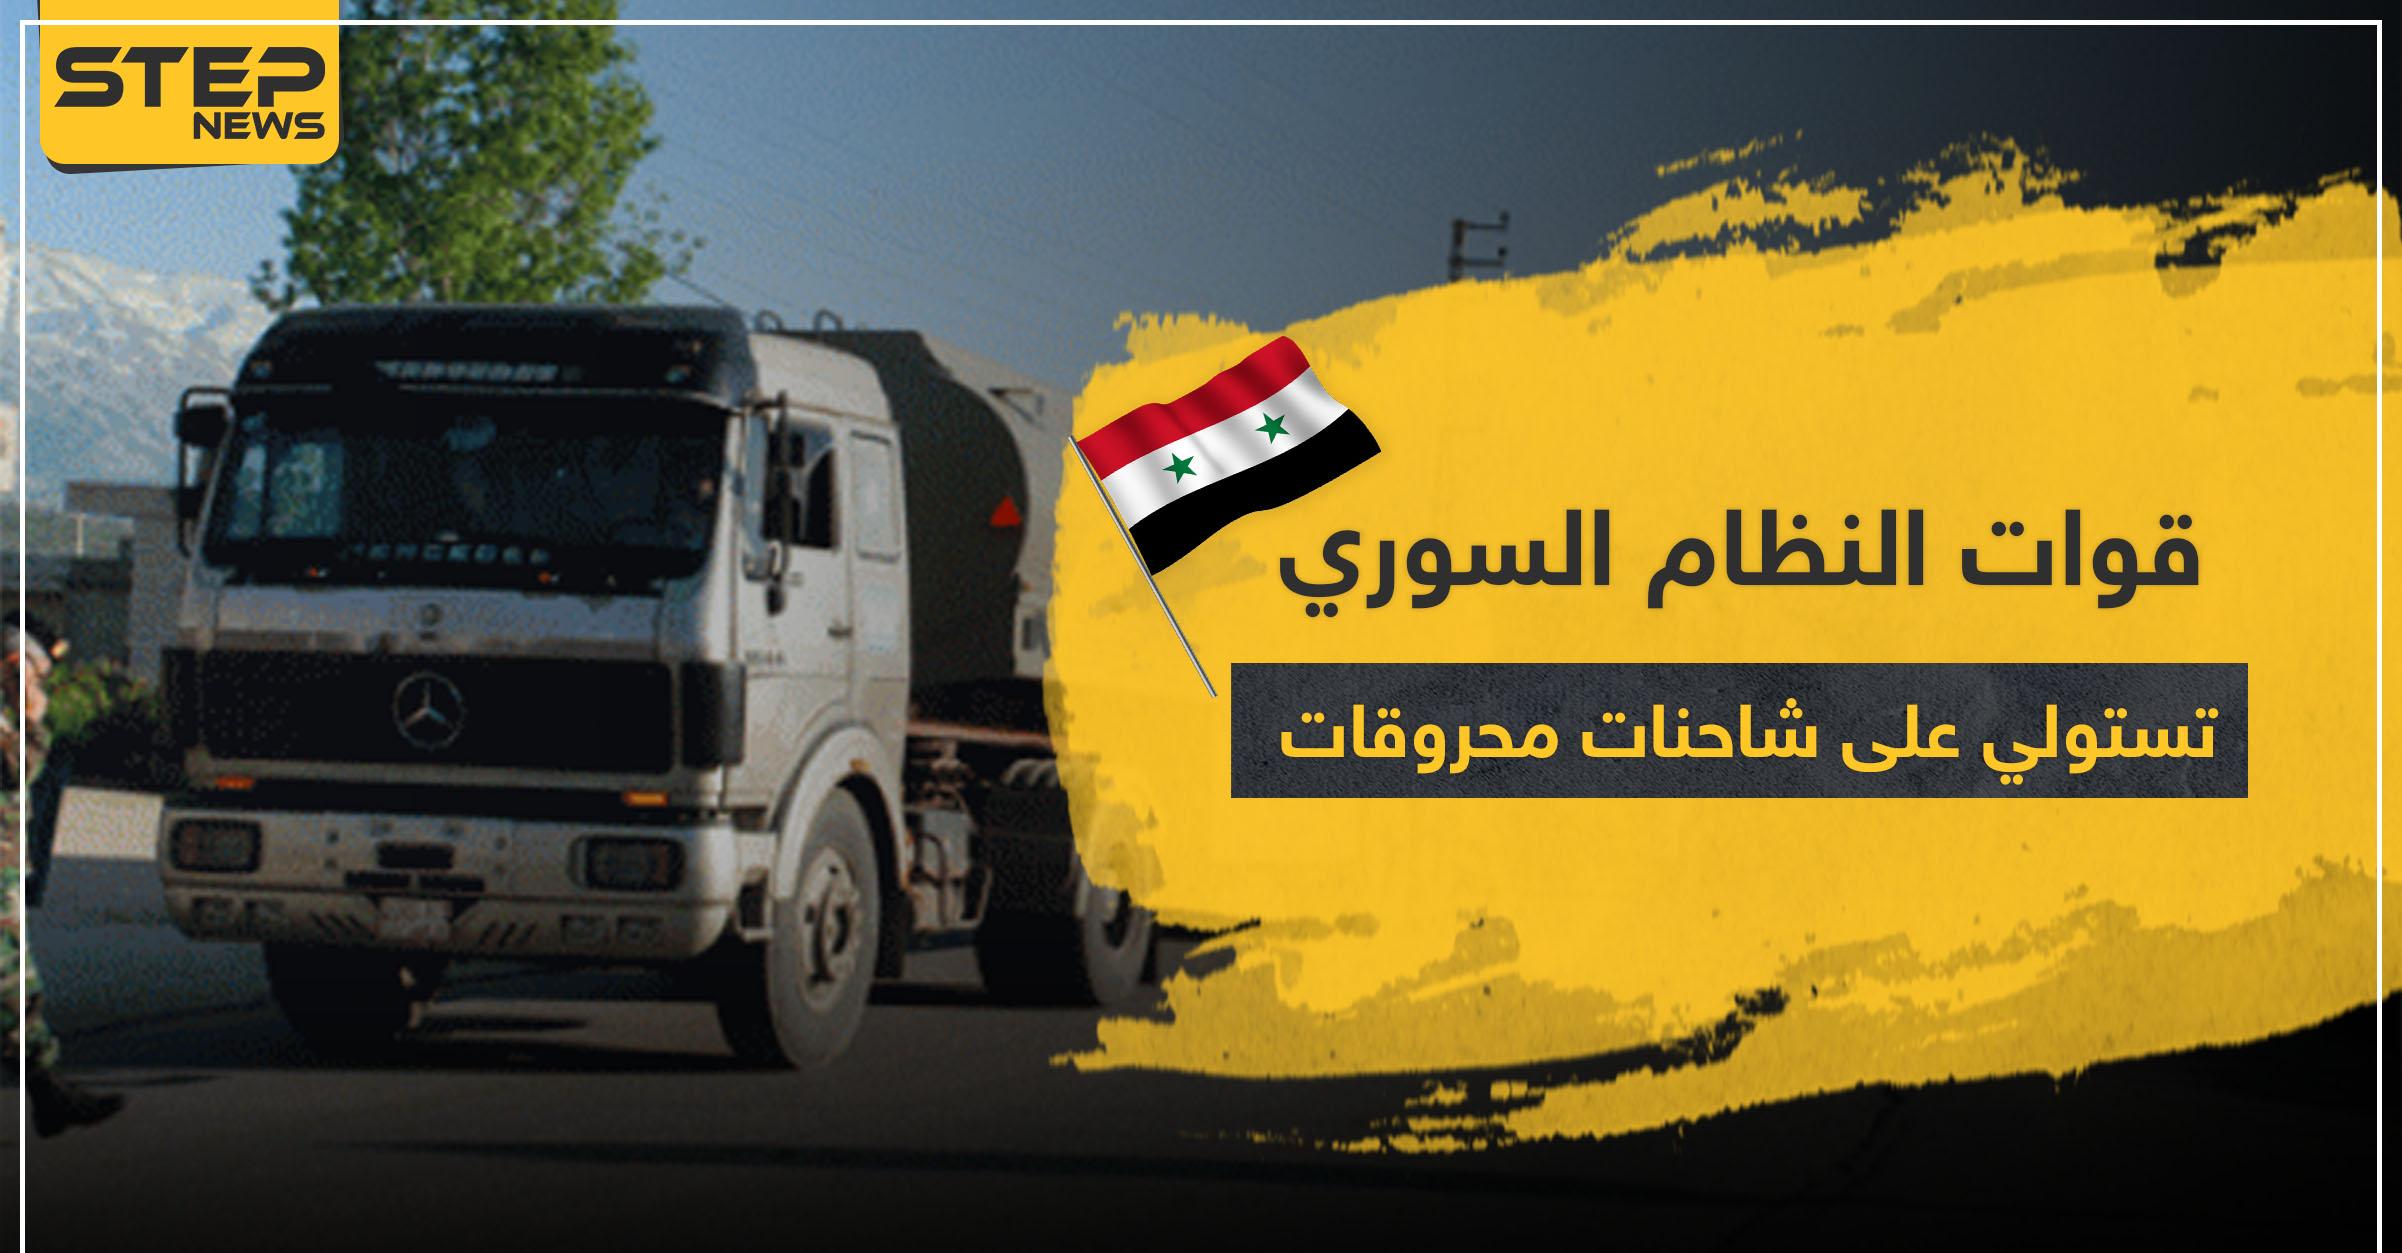 قوات النظام السوري تستولي على شاحنات المحروقات